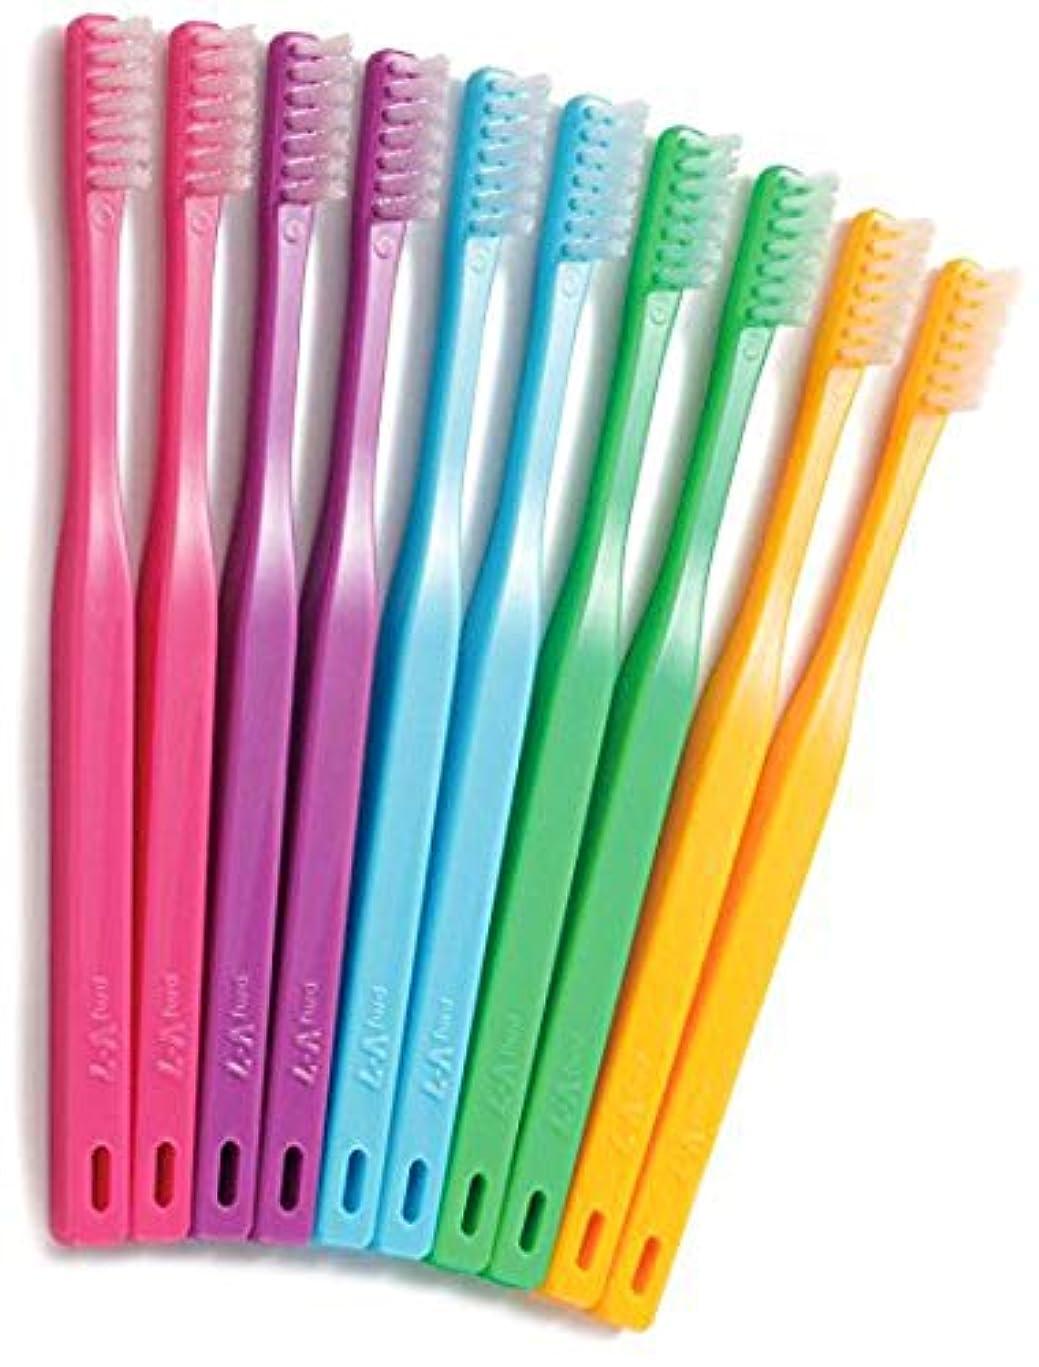 円周絶え間ない太いつまようじ法歯ブラシ V-7 ビビッドカラー レギュラーヘッド 5本